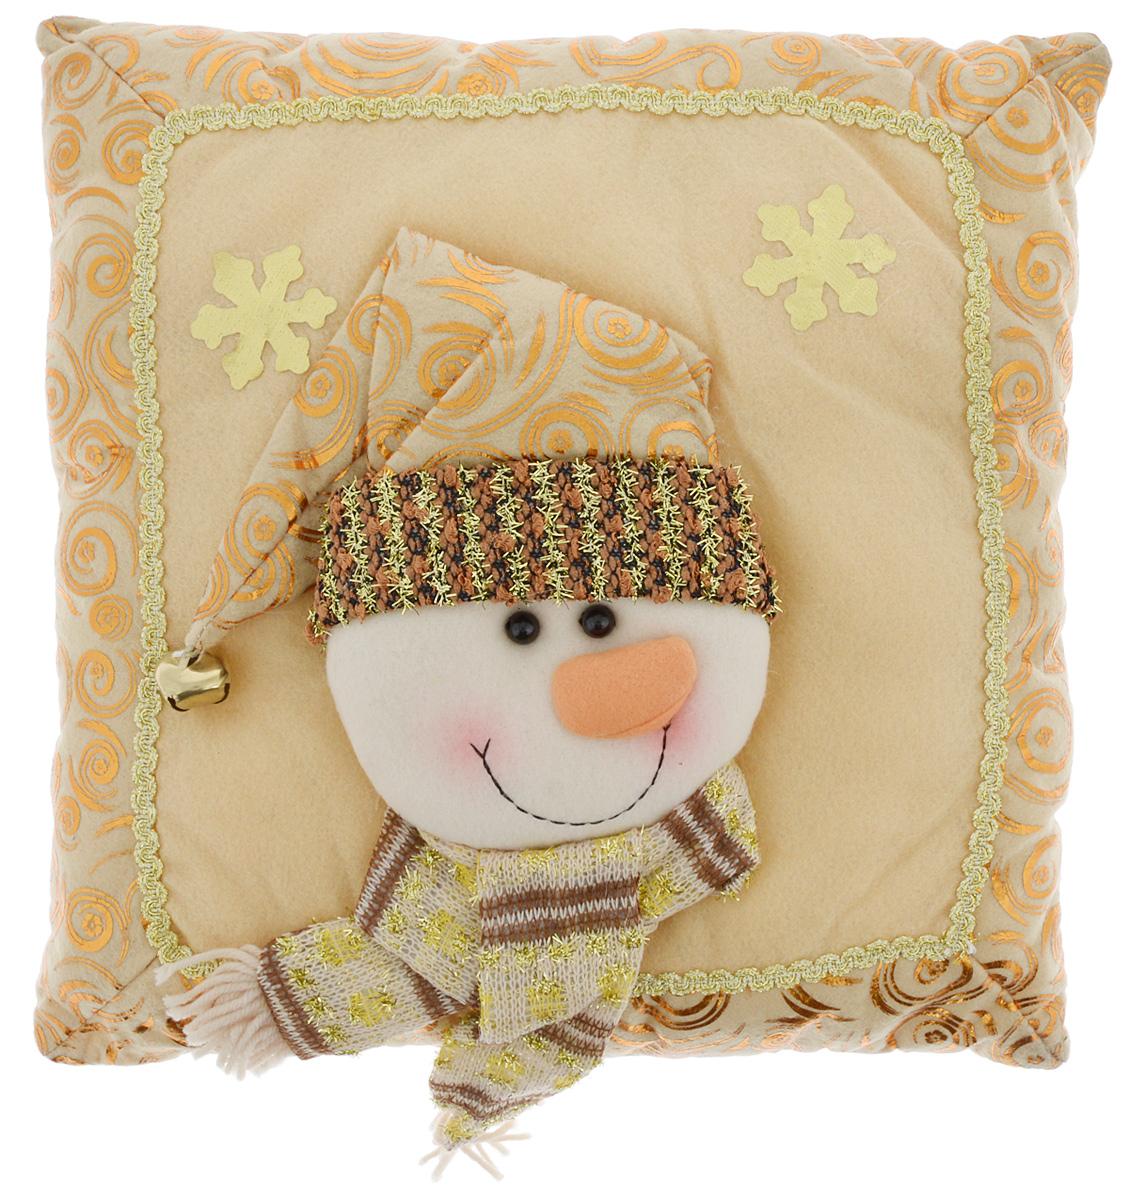 Подушка декоративная Win Max Снеговик, 30 х 30 cм. 1715100Декоративная подушка Win Max Снеговик прекрасно подойдет для праздничного декора вашего дома в преддверии Нового года. Чехол выполнен из текстиля с комбинированной текстурой, украшен изображением снежинок и аппликацией в виде забавного снеговика. Синтепоновый наполнитель делает подушку мягкой и уютной. Красивая подушка создаст в доме уют и станет прекрасным элементом декора.